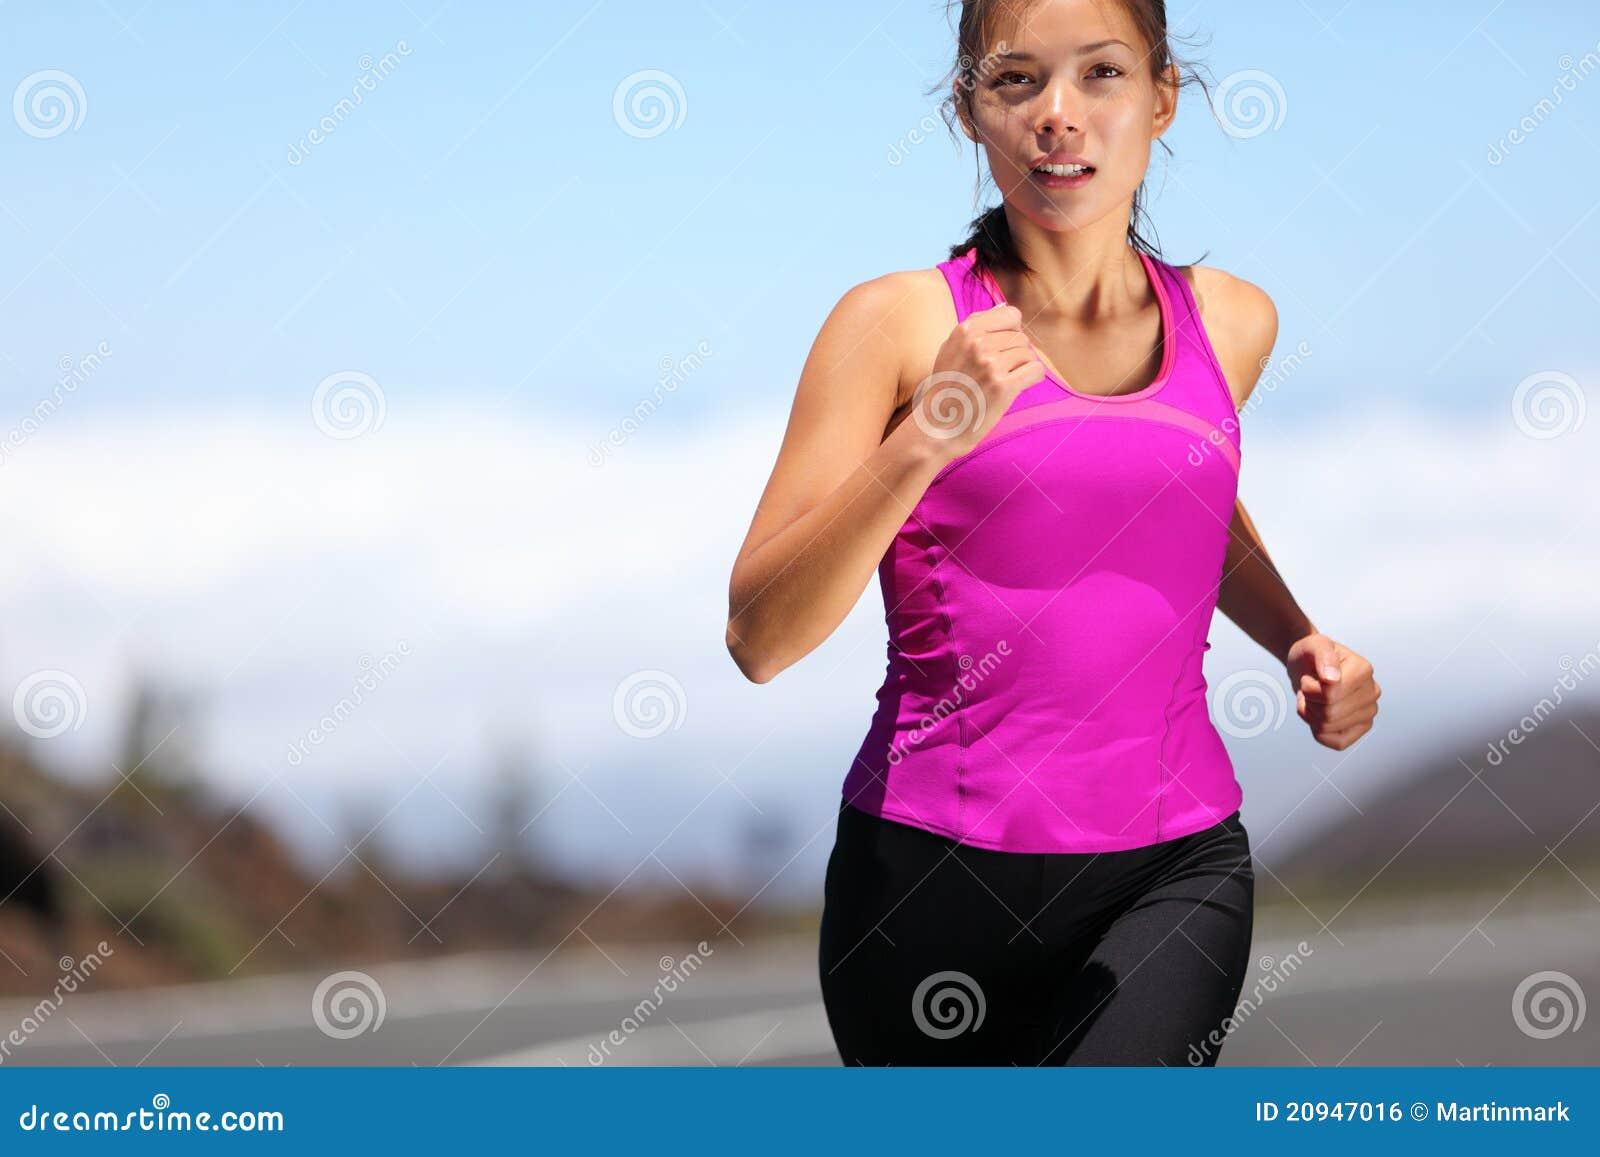 Фото девушек во время тренировки